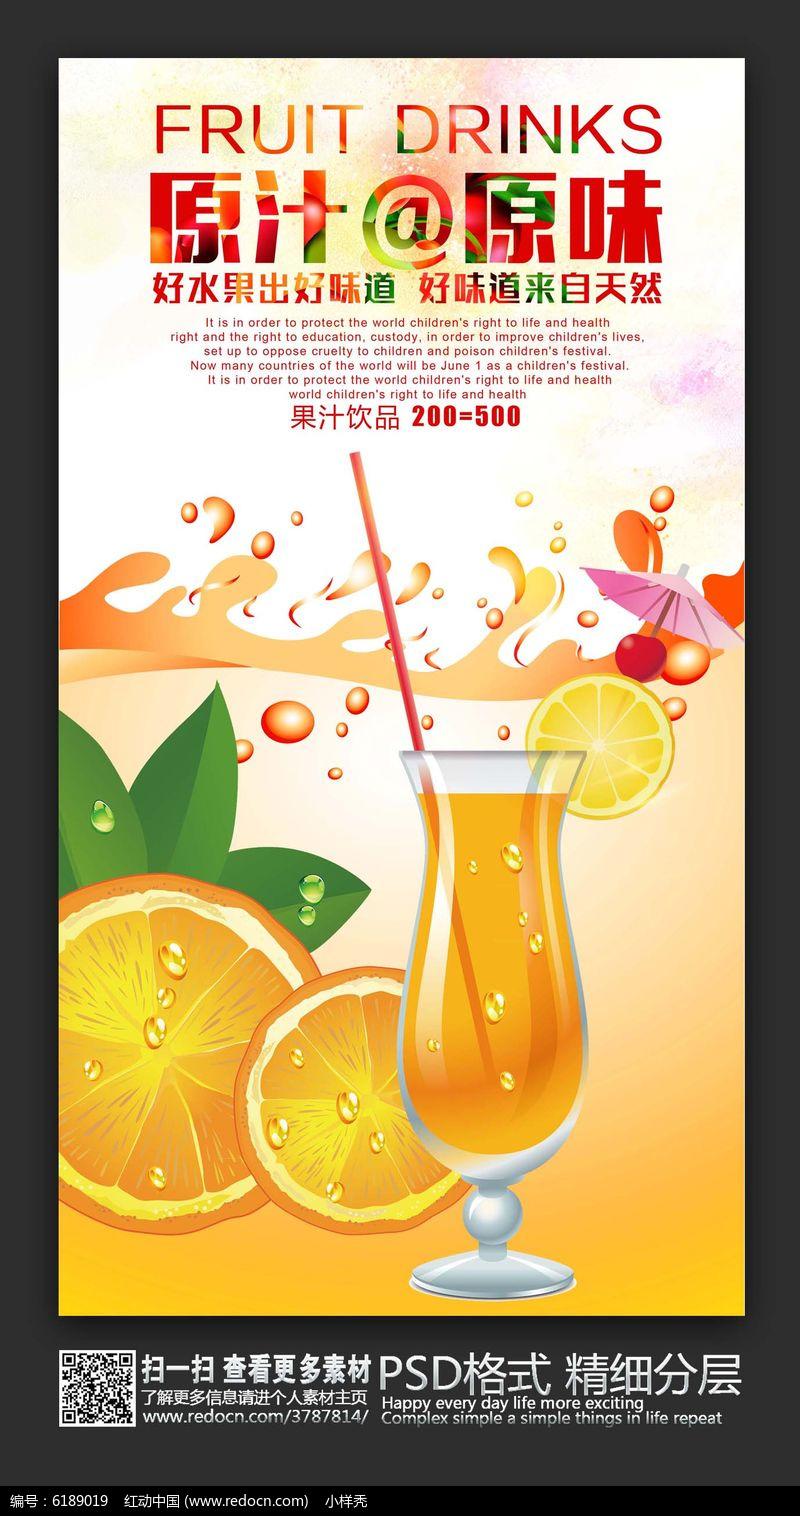 饮品店宣传海报_原创设计稿 海报设计/宣传单/广告牌 海报设计 创意饮品店饮品促销